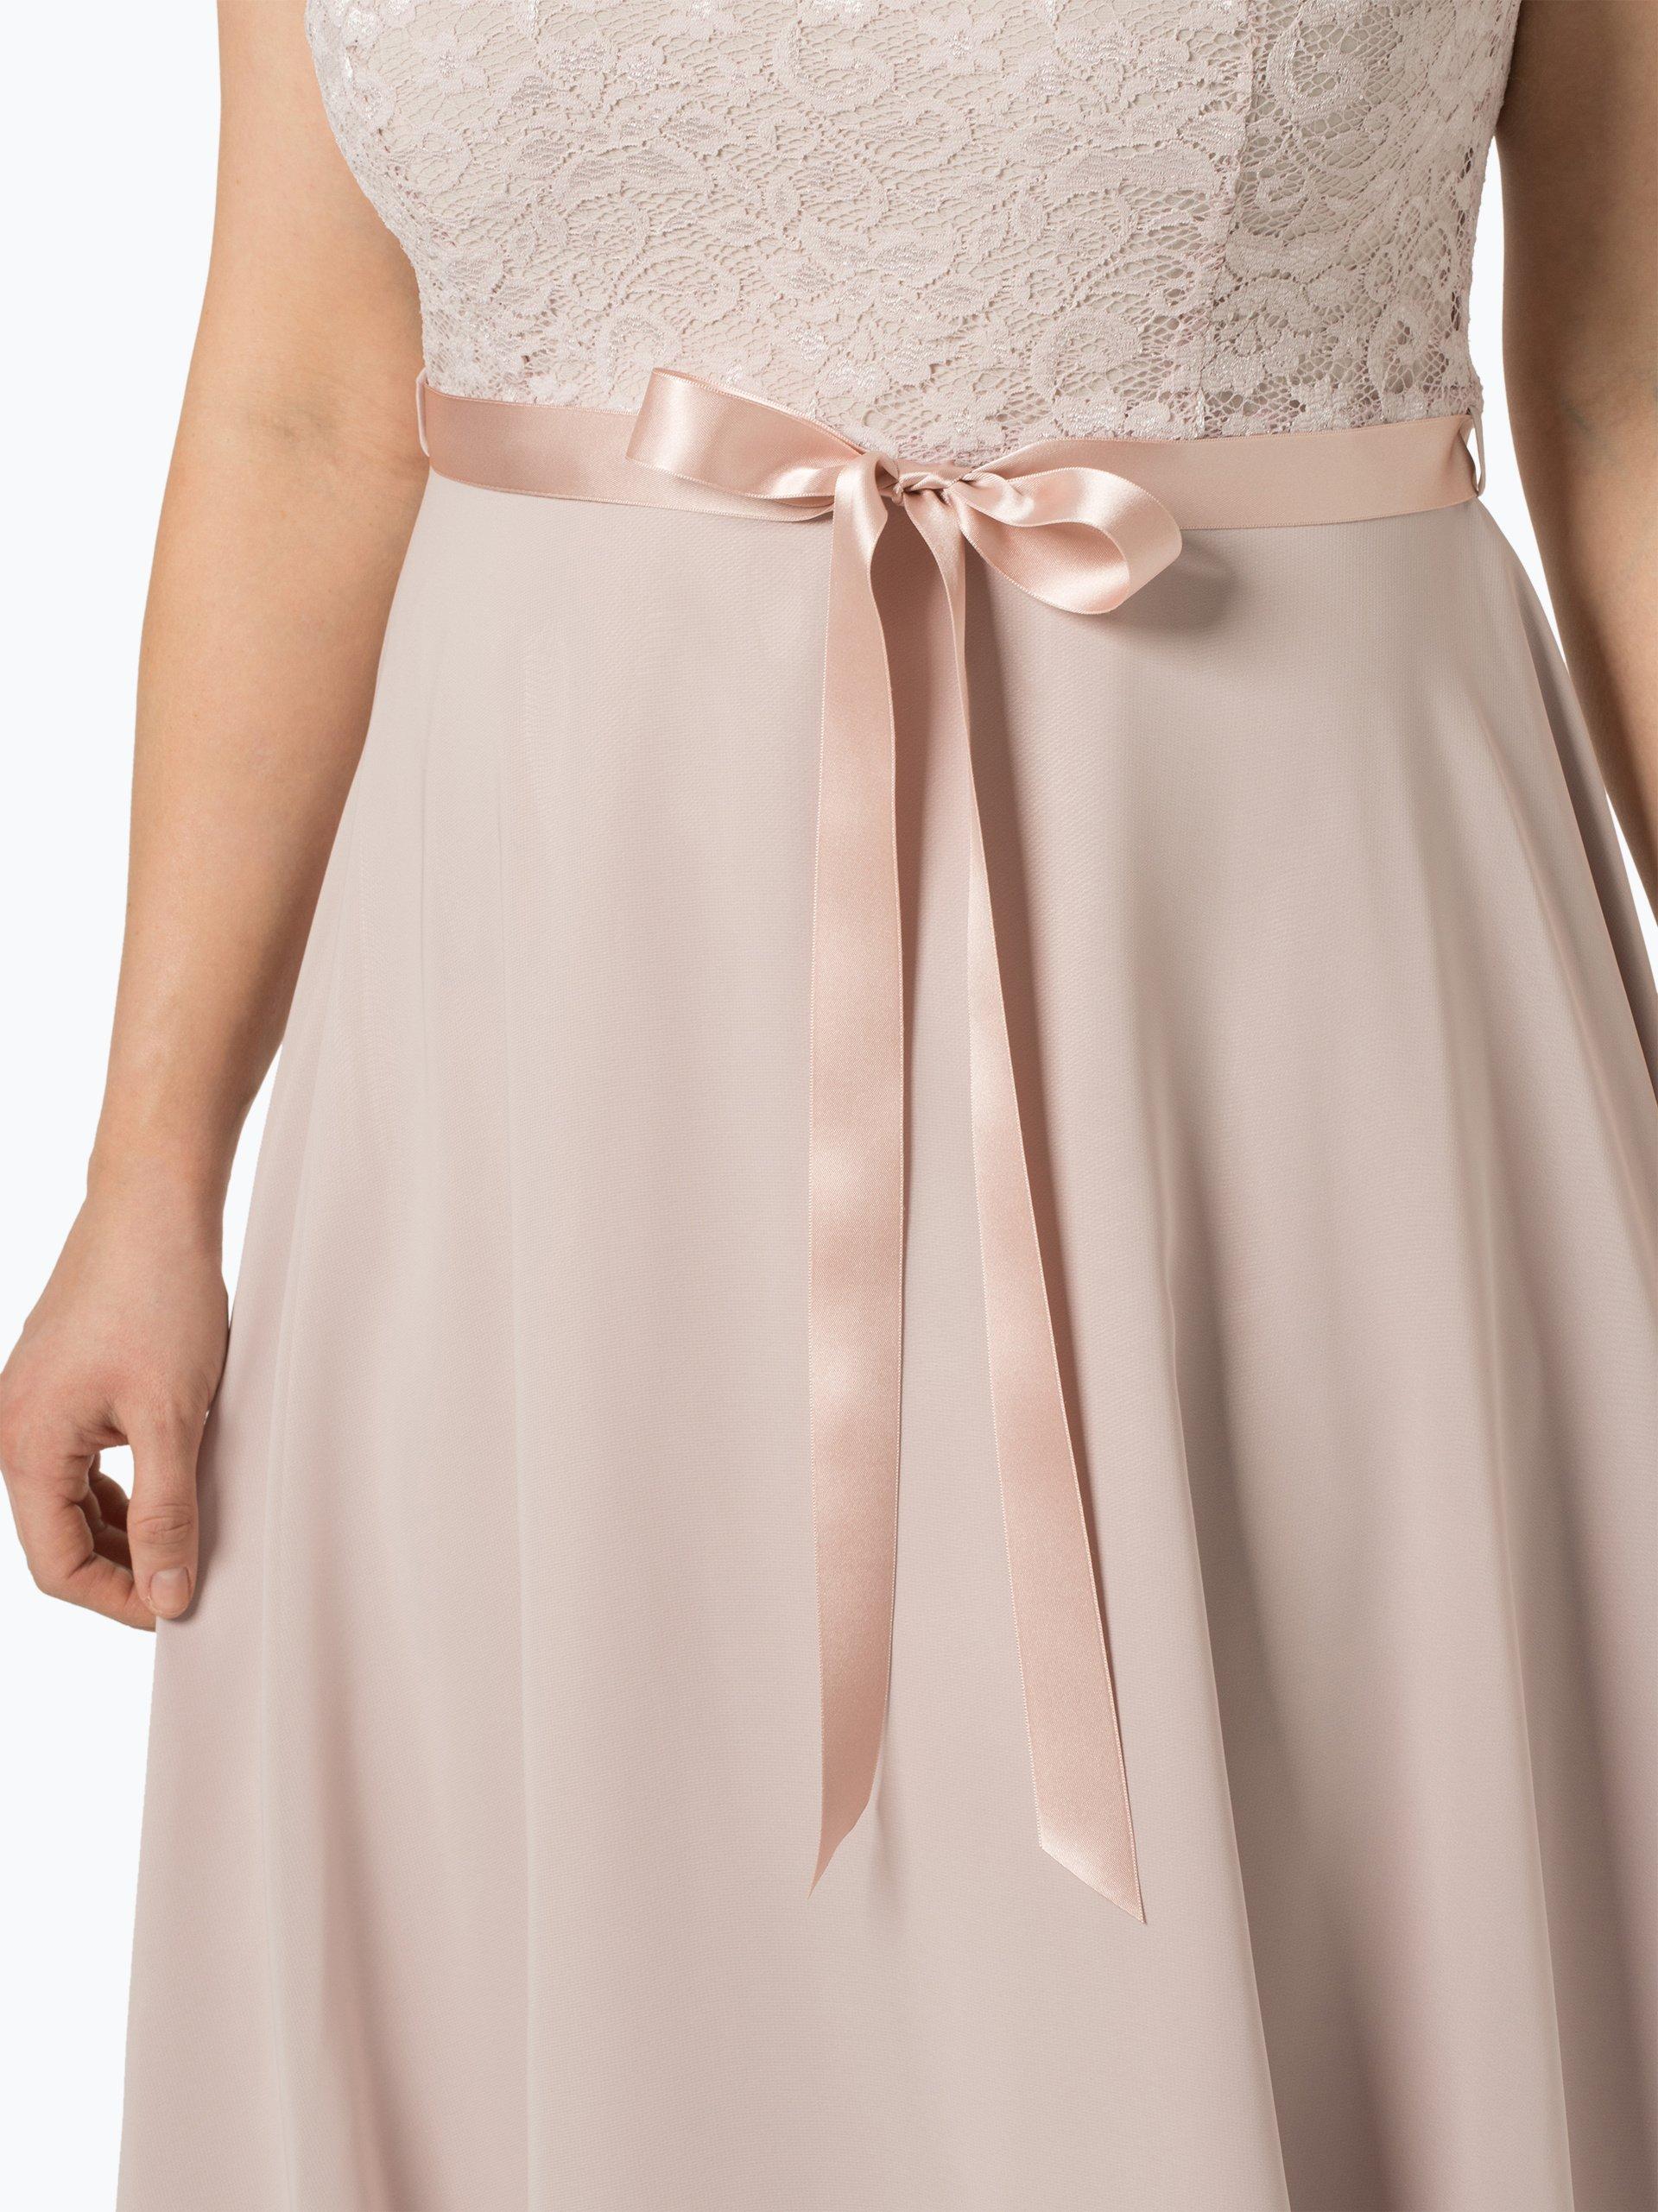 Swing Curve Damska sukienka wieczorowa